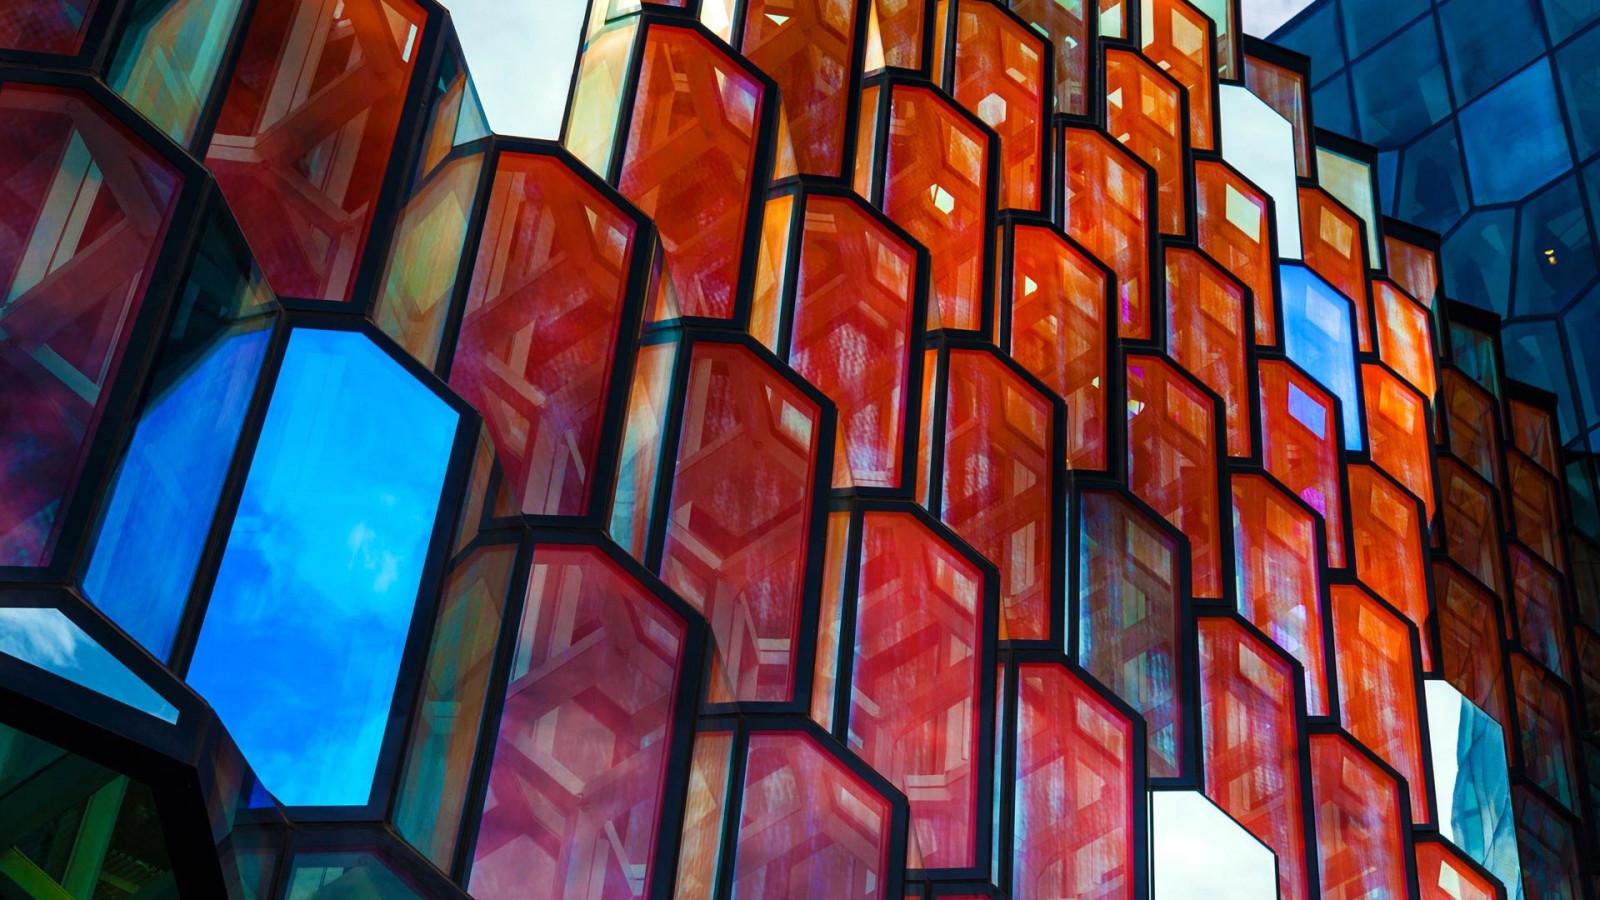 デスクトップ壁紙 ペインティング 窓 建築 建物 壁 対称